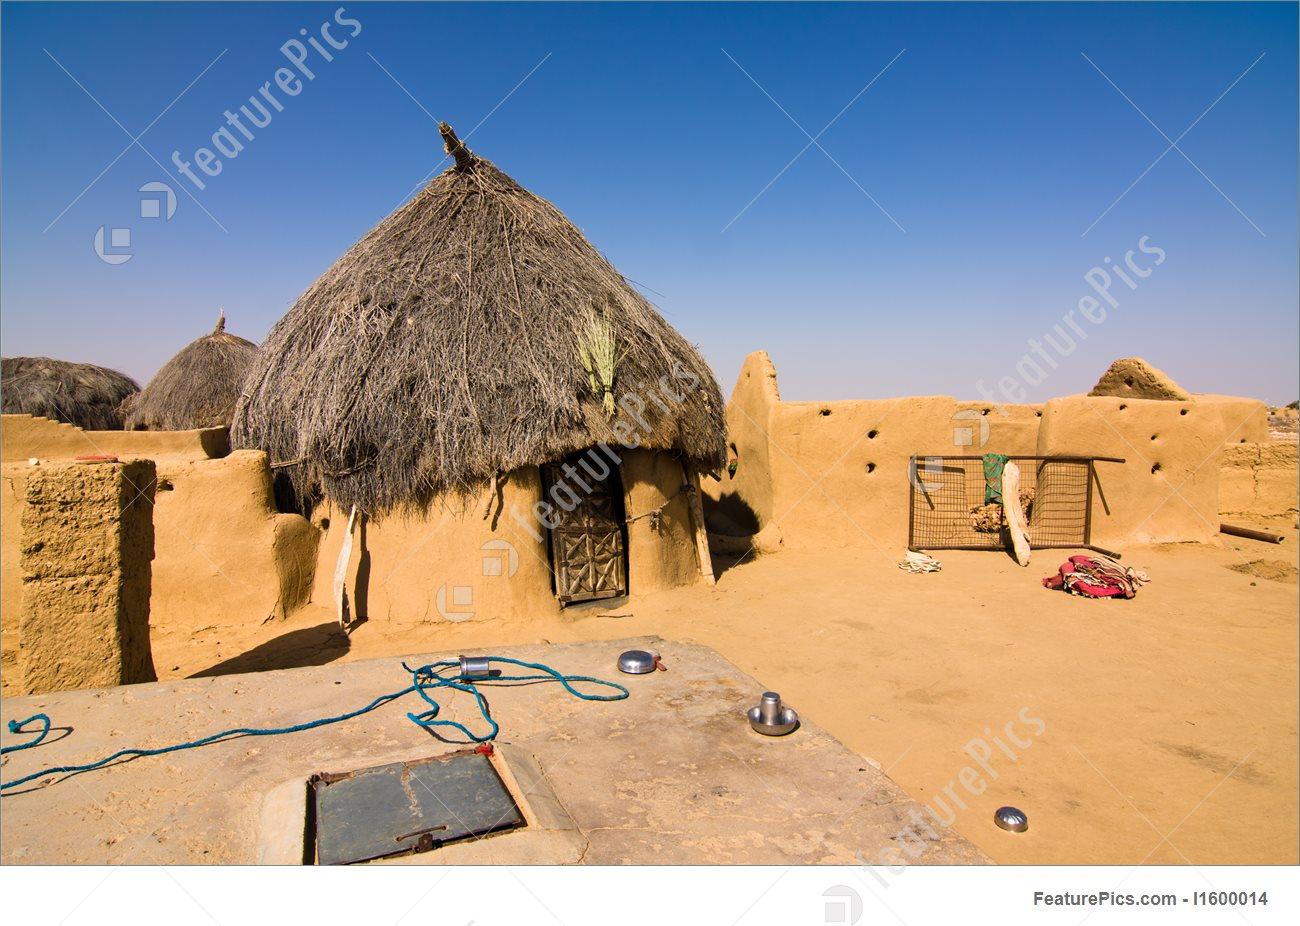 Clip art library . Desert clipart desert house